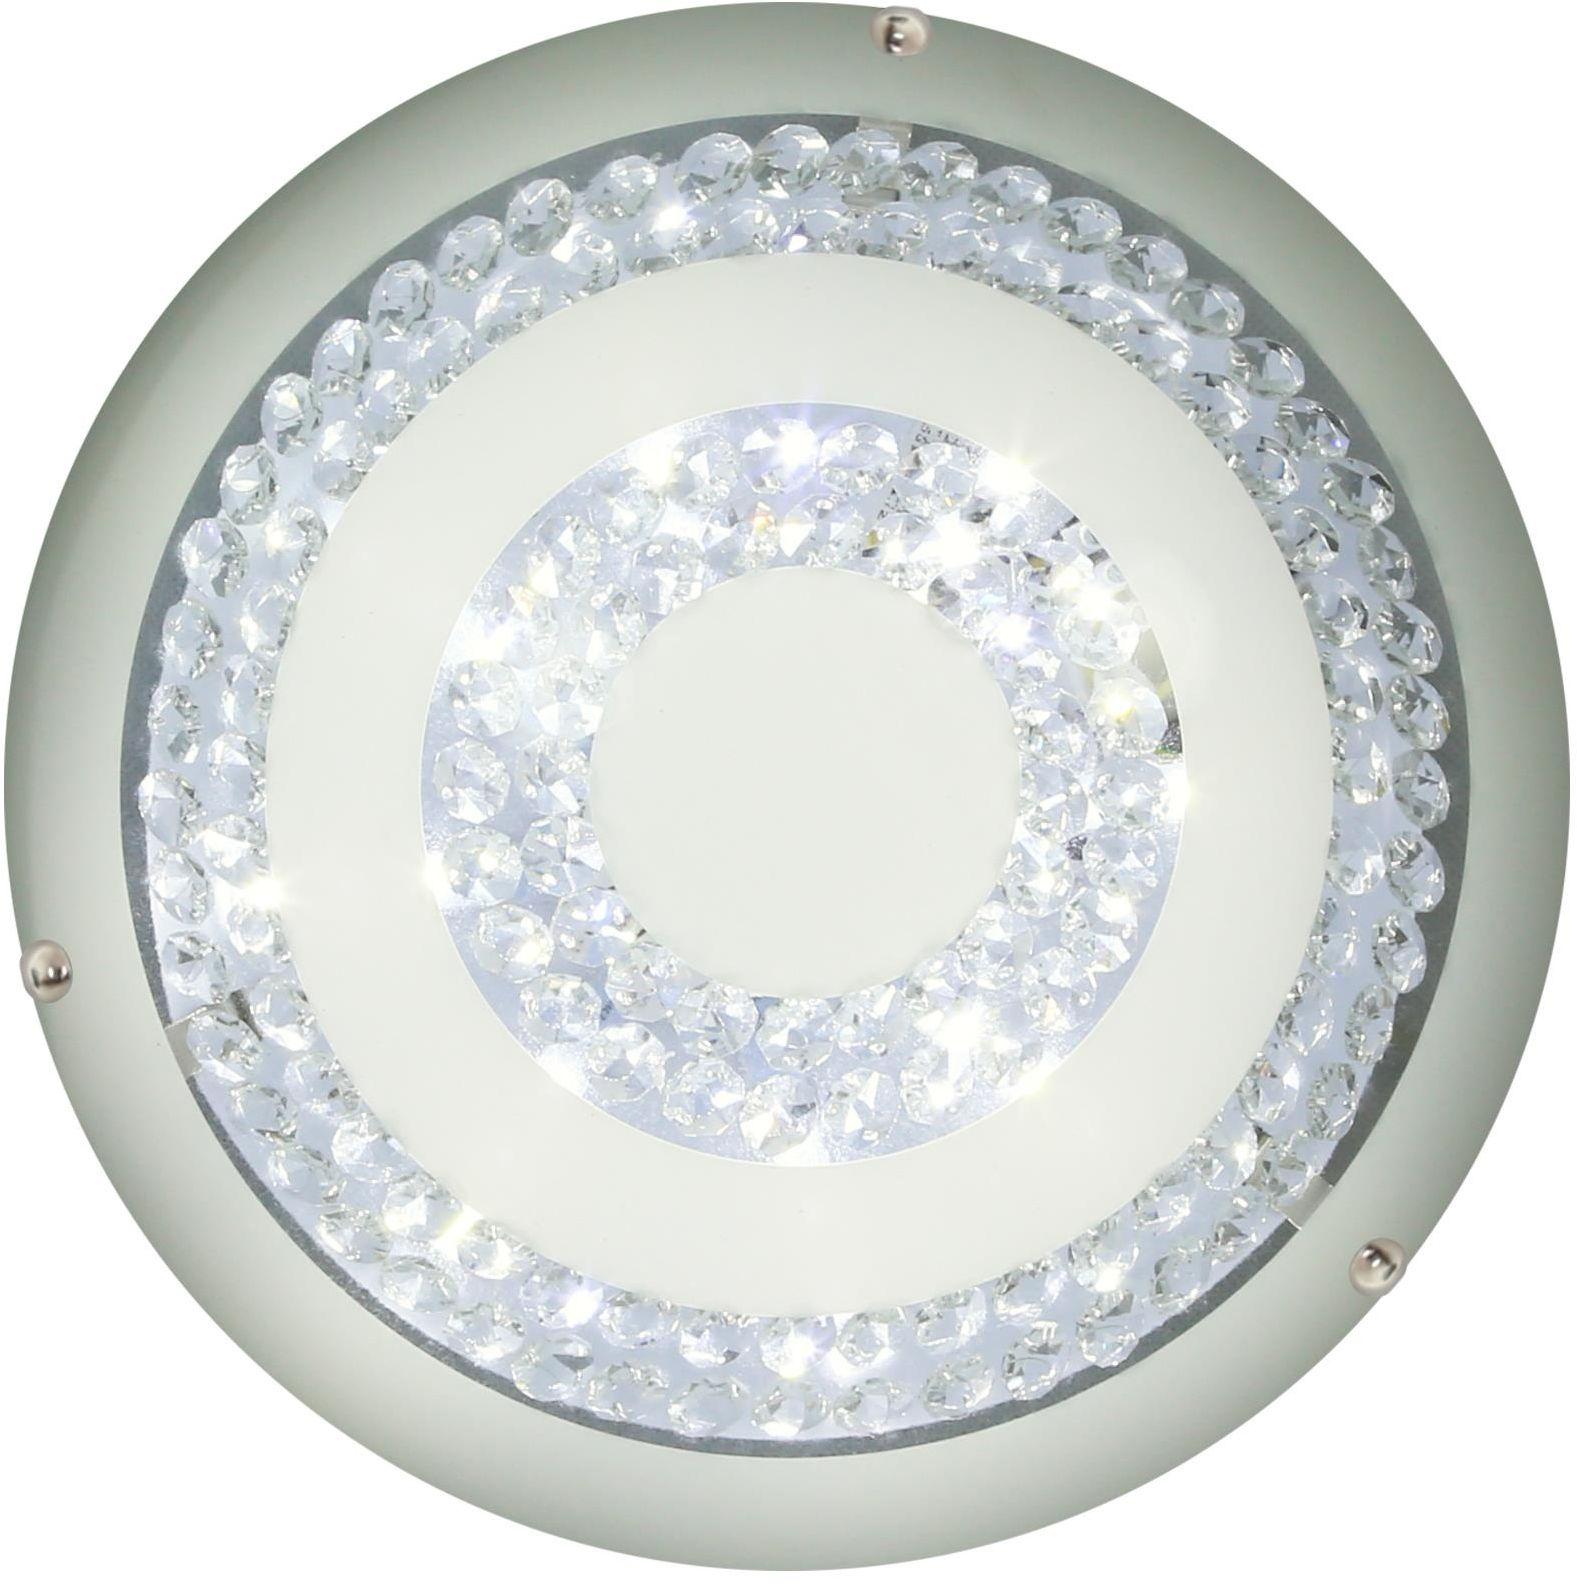 Candellux MONZA 14-75246 plafon lampa sufitowa klosz ze szkła giętego kryształki 1X16W LED 4000K 40 cm